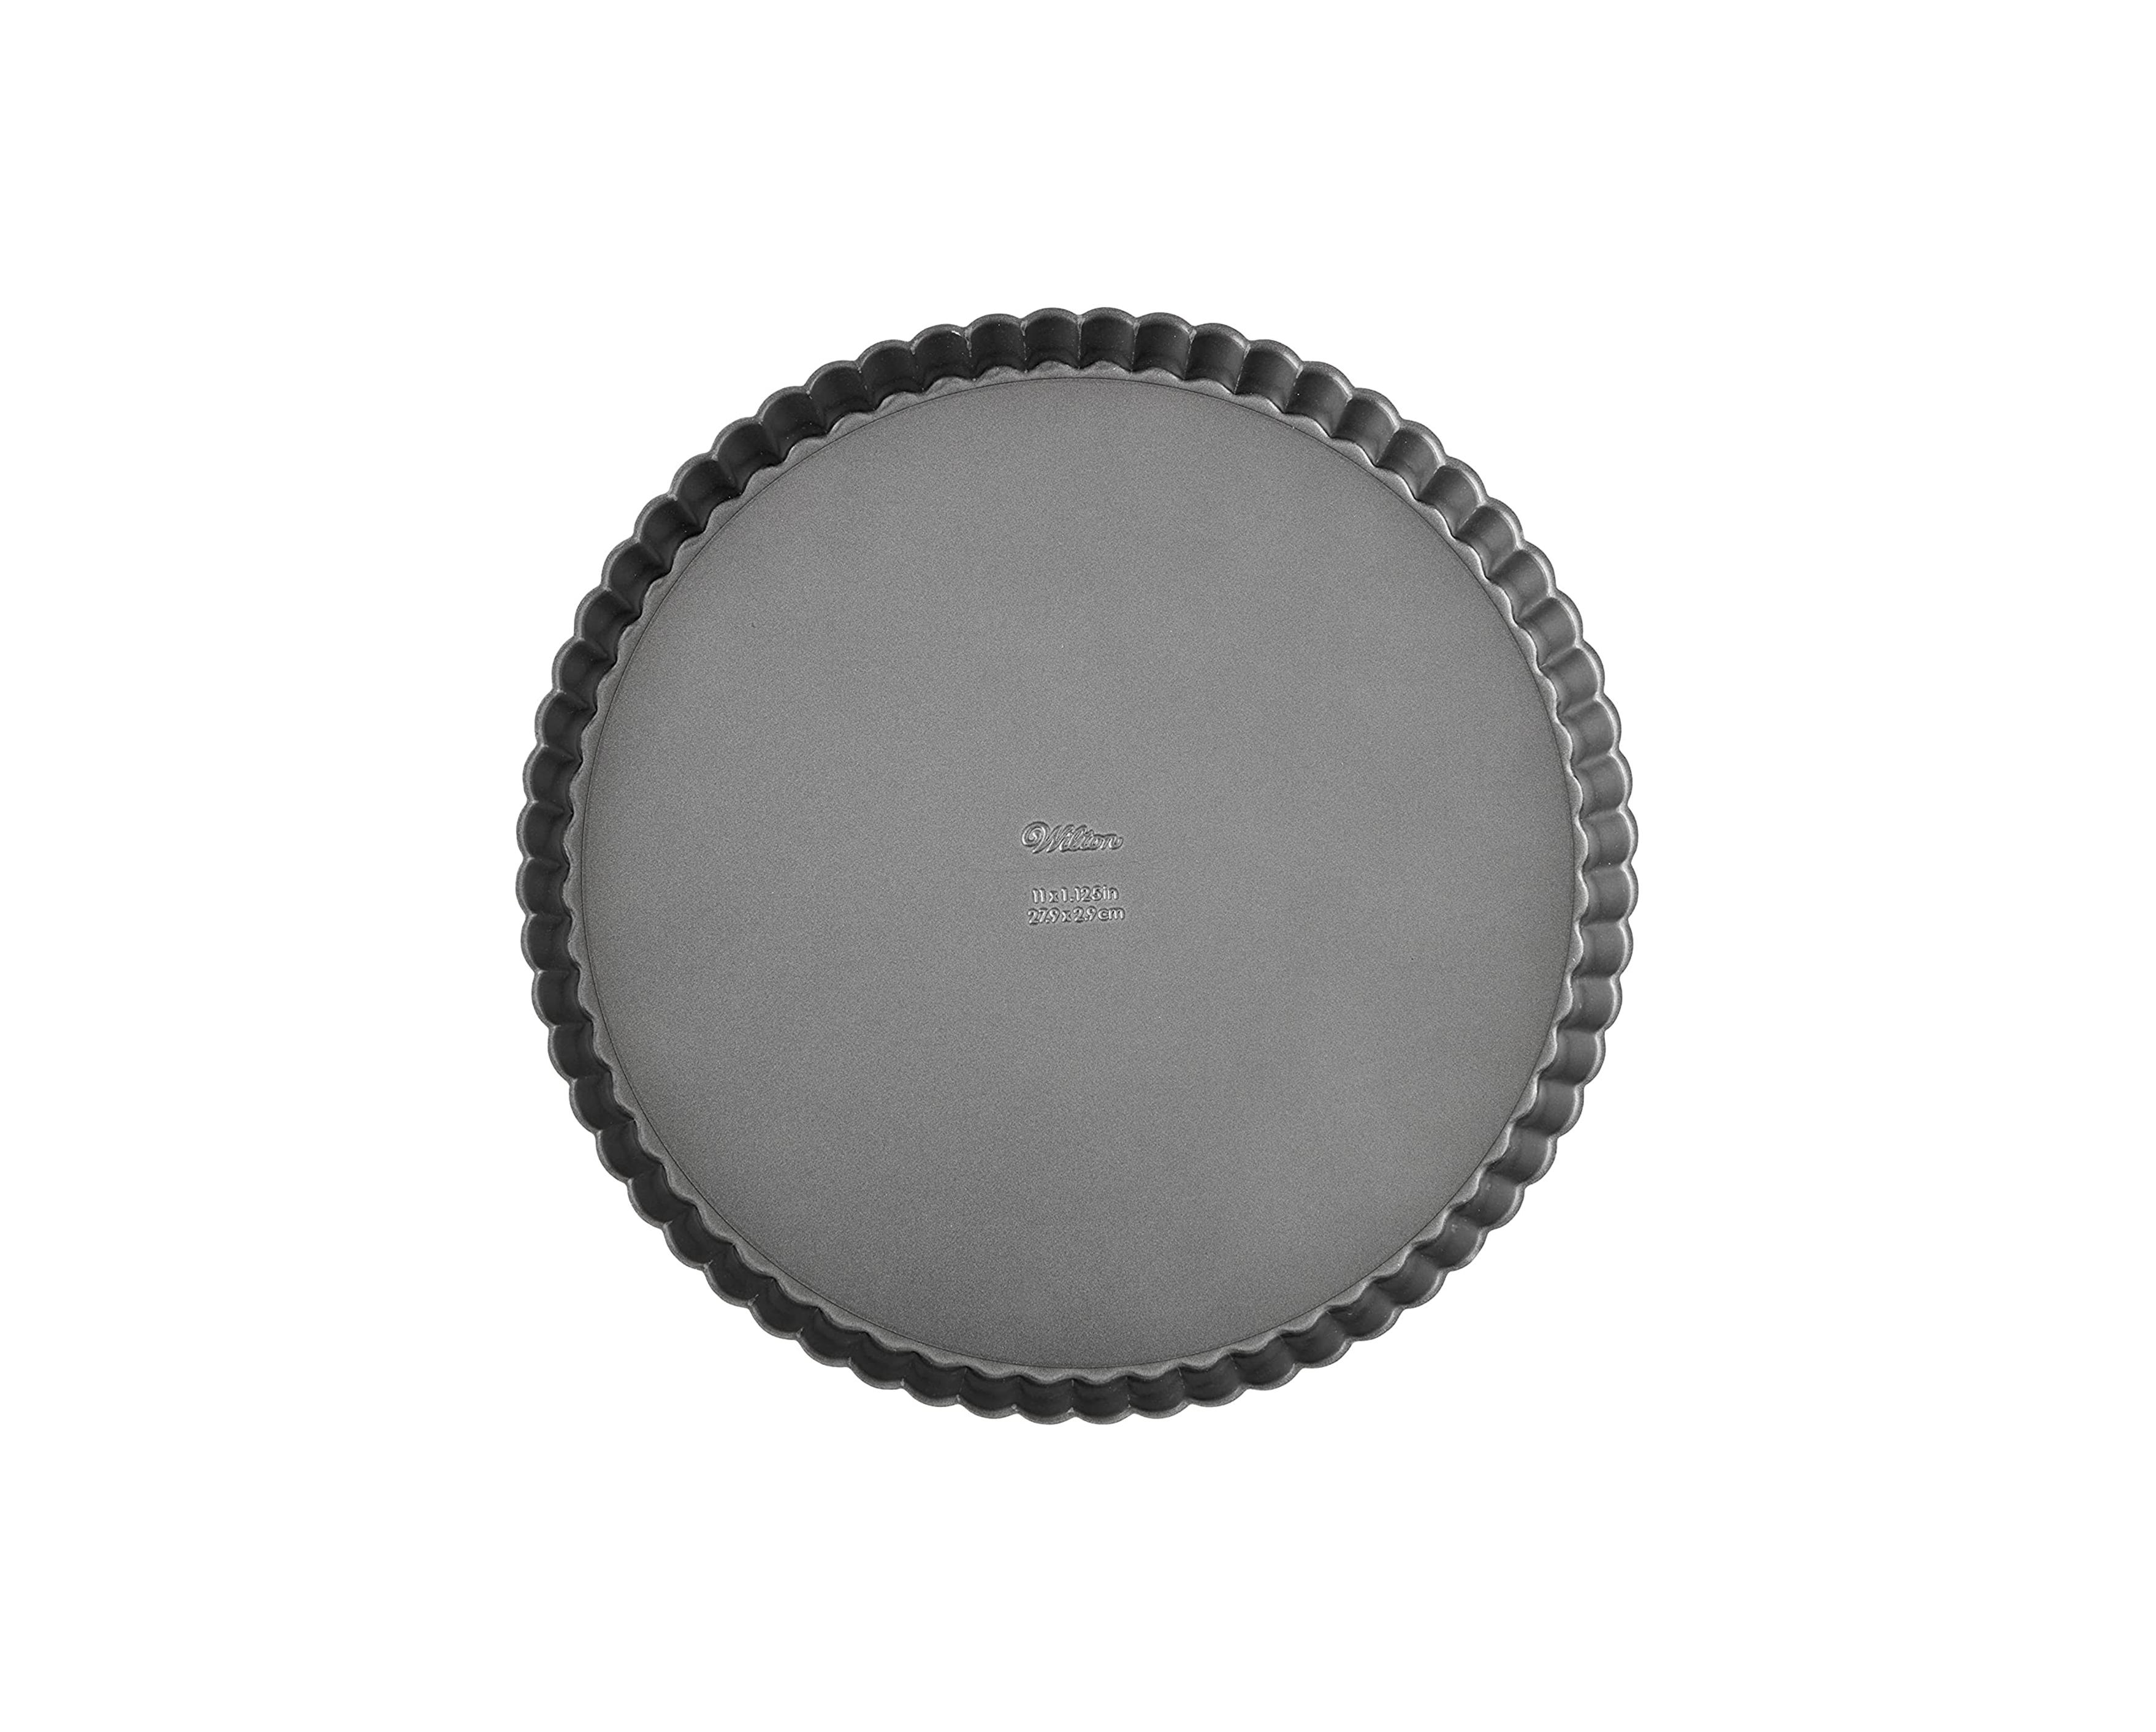 Wilton Excelle Elite Non-Stick Tart Pan